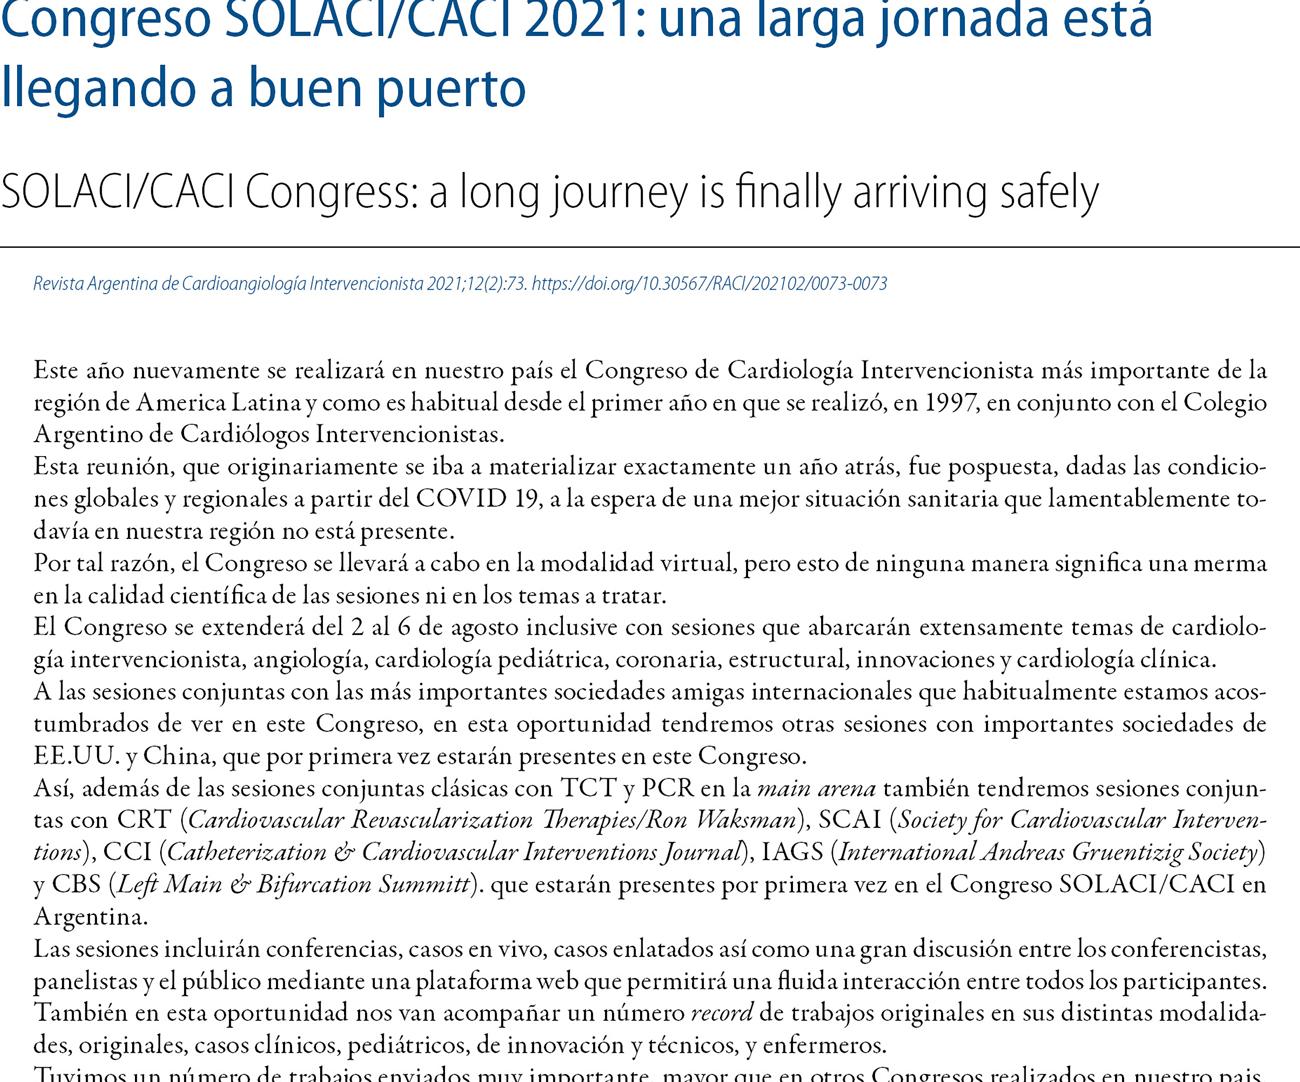 Congreso SOLACI/CACI 2021: una larga jornada está llegando a buen puerto